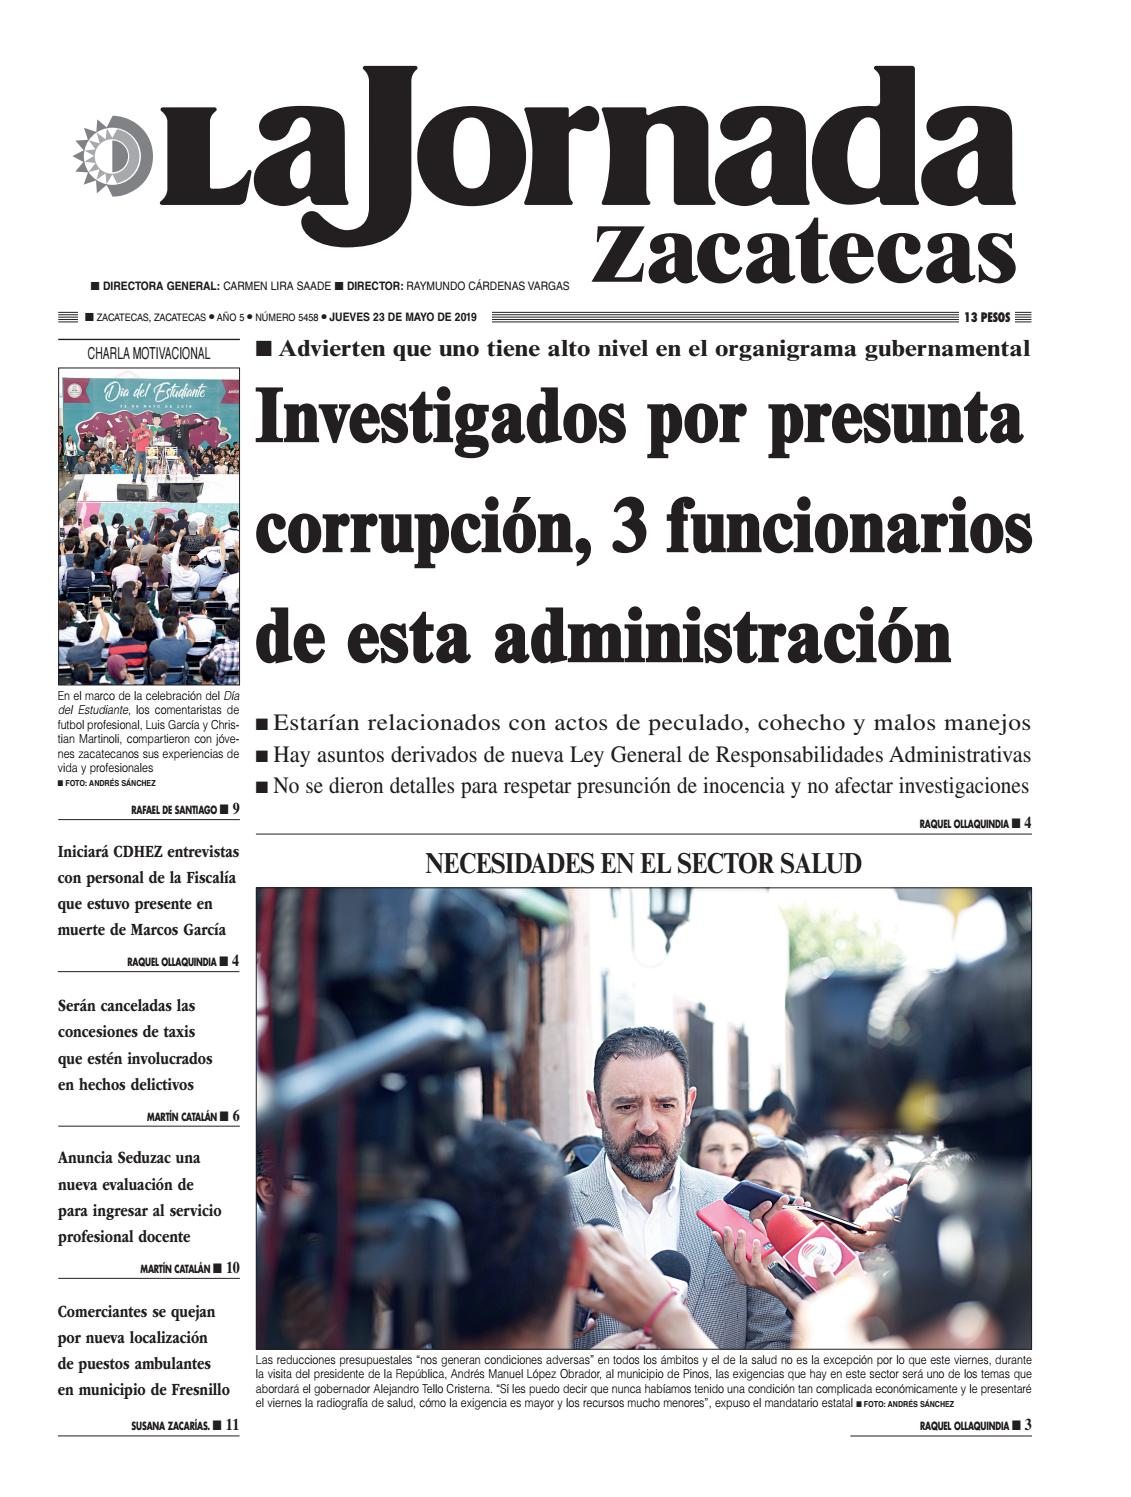 La Jornada Zacatecas Jueves 23 De Mayo De 2019 By La Jornada